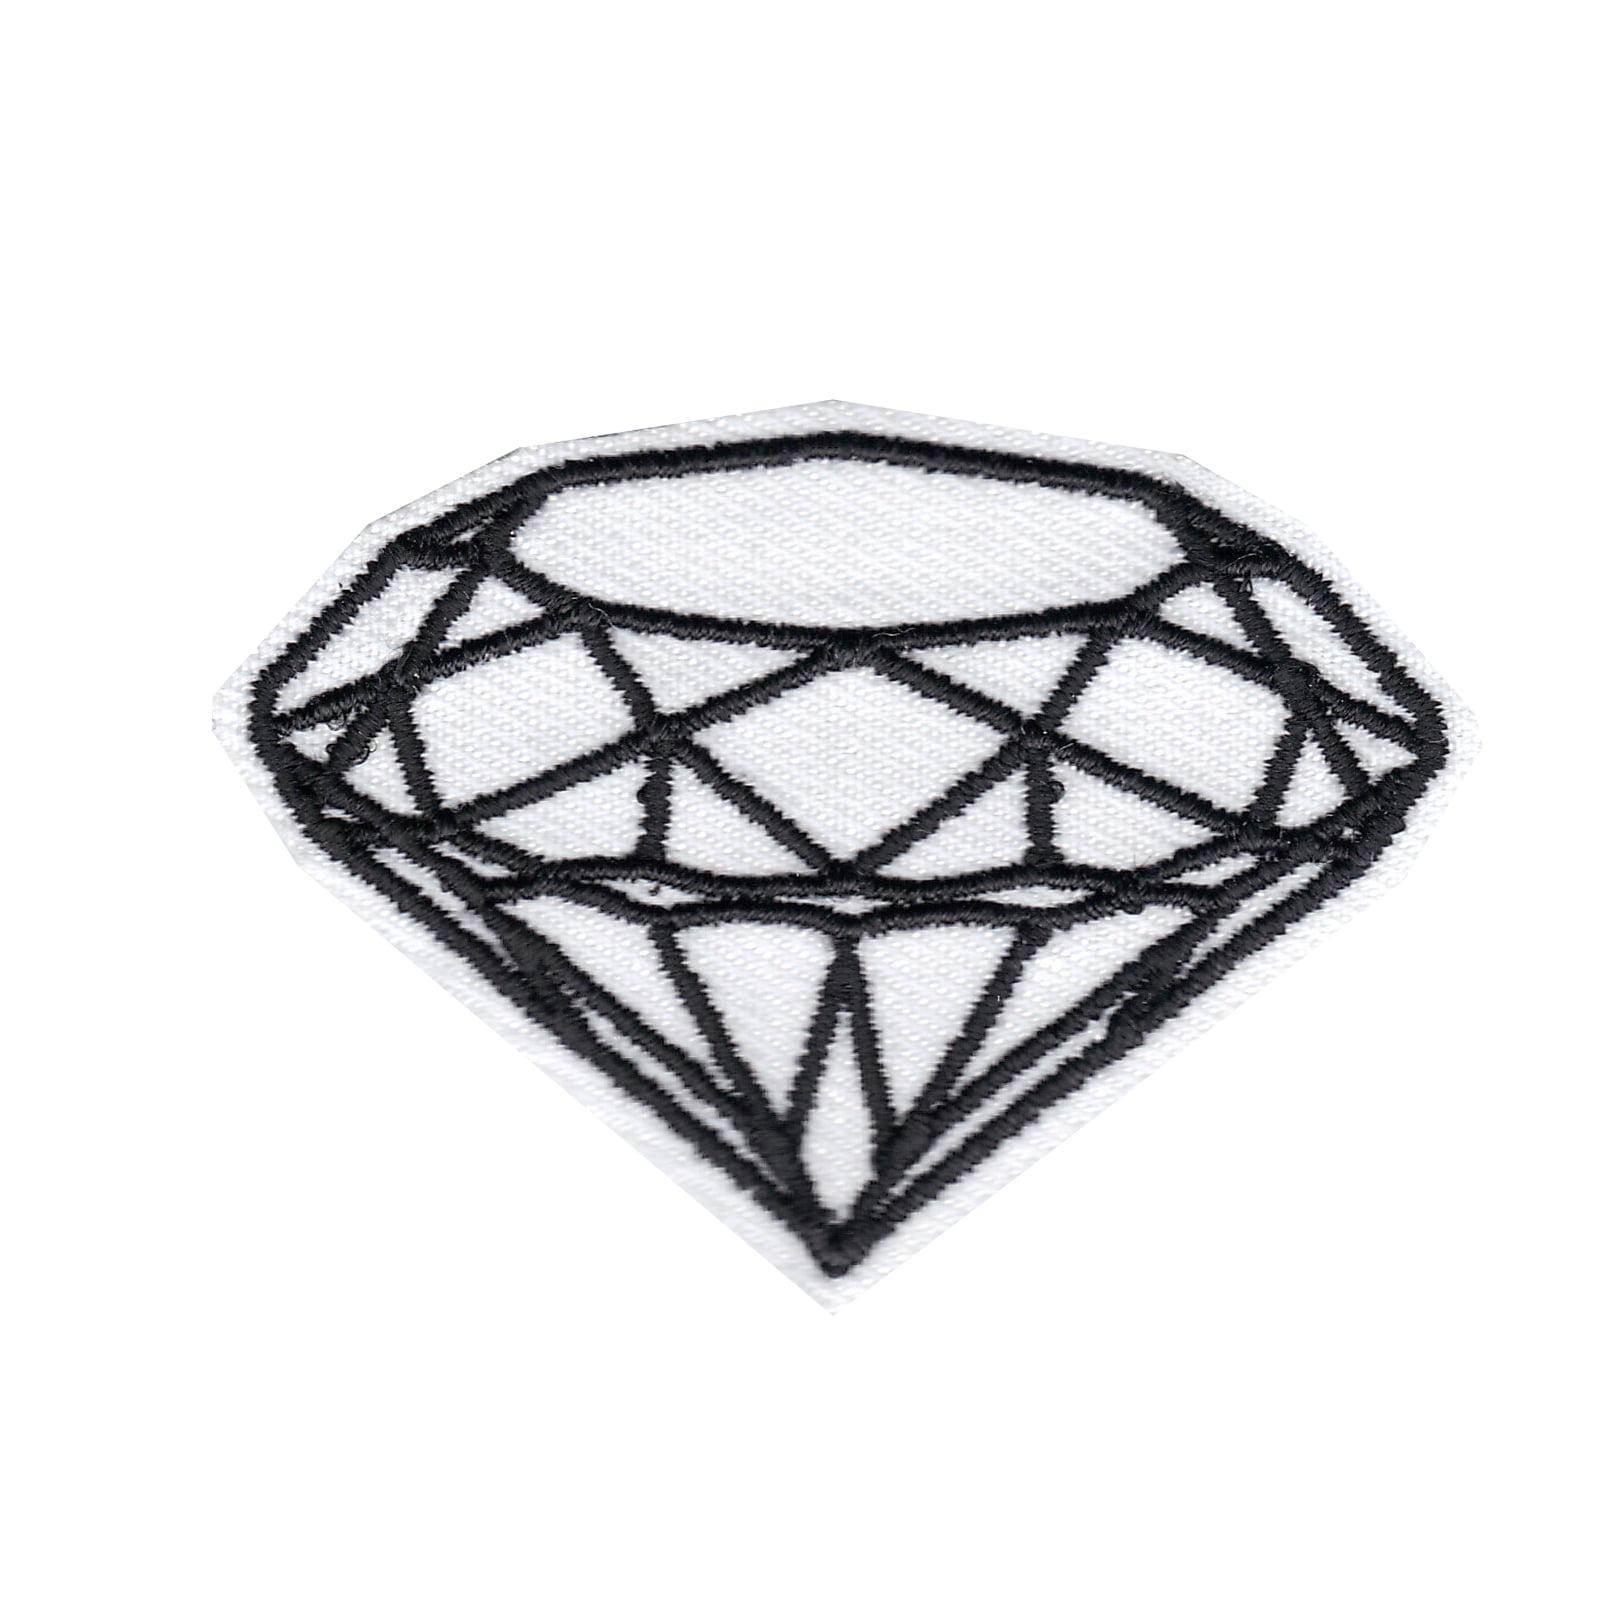 White Diamond Iron On Applique Patch